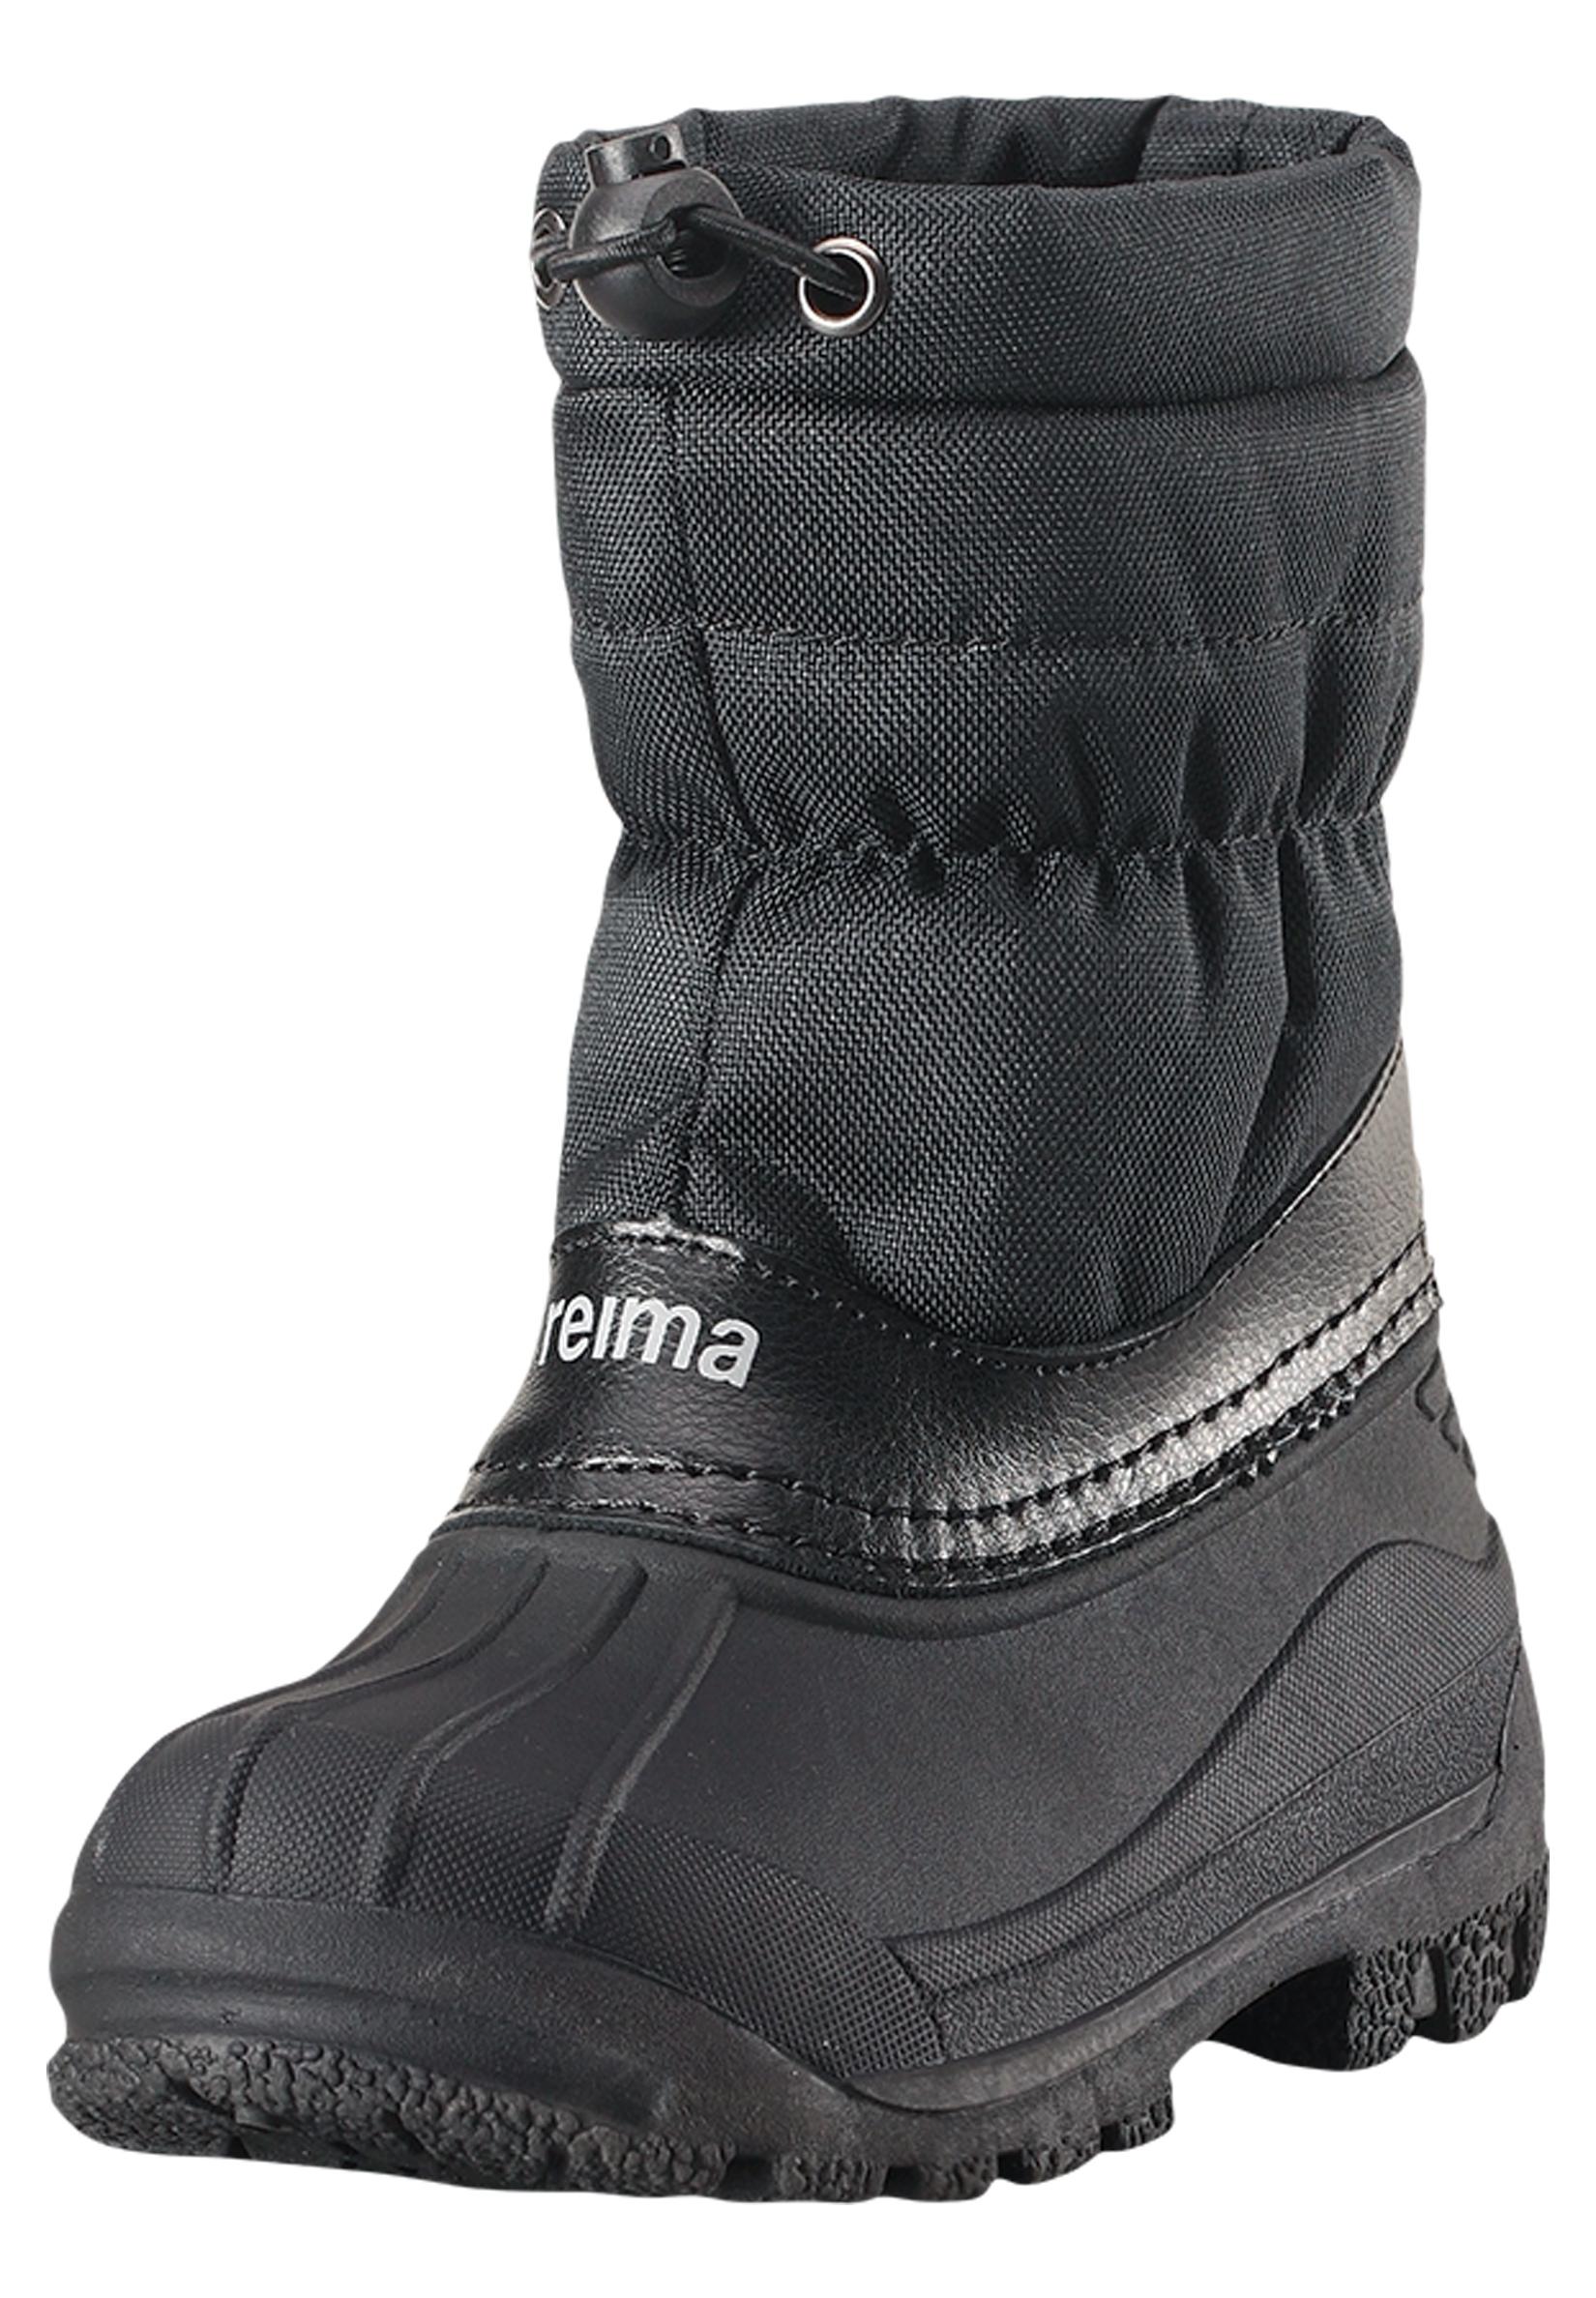 Ботинки и полуботинки Reima Ботинки для мальчика Reima, черные ботинки для мальчика reima черные